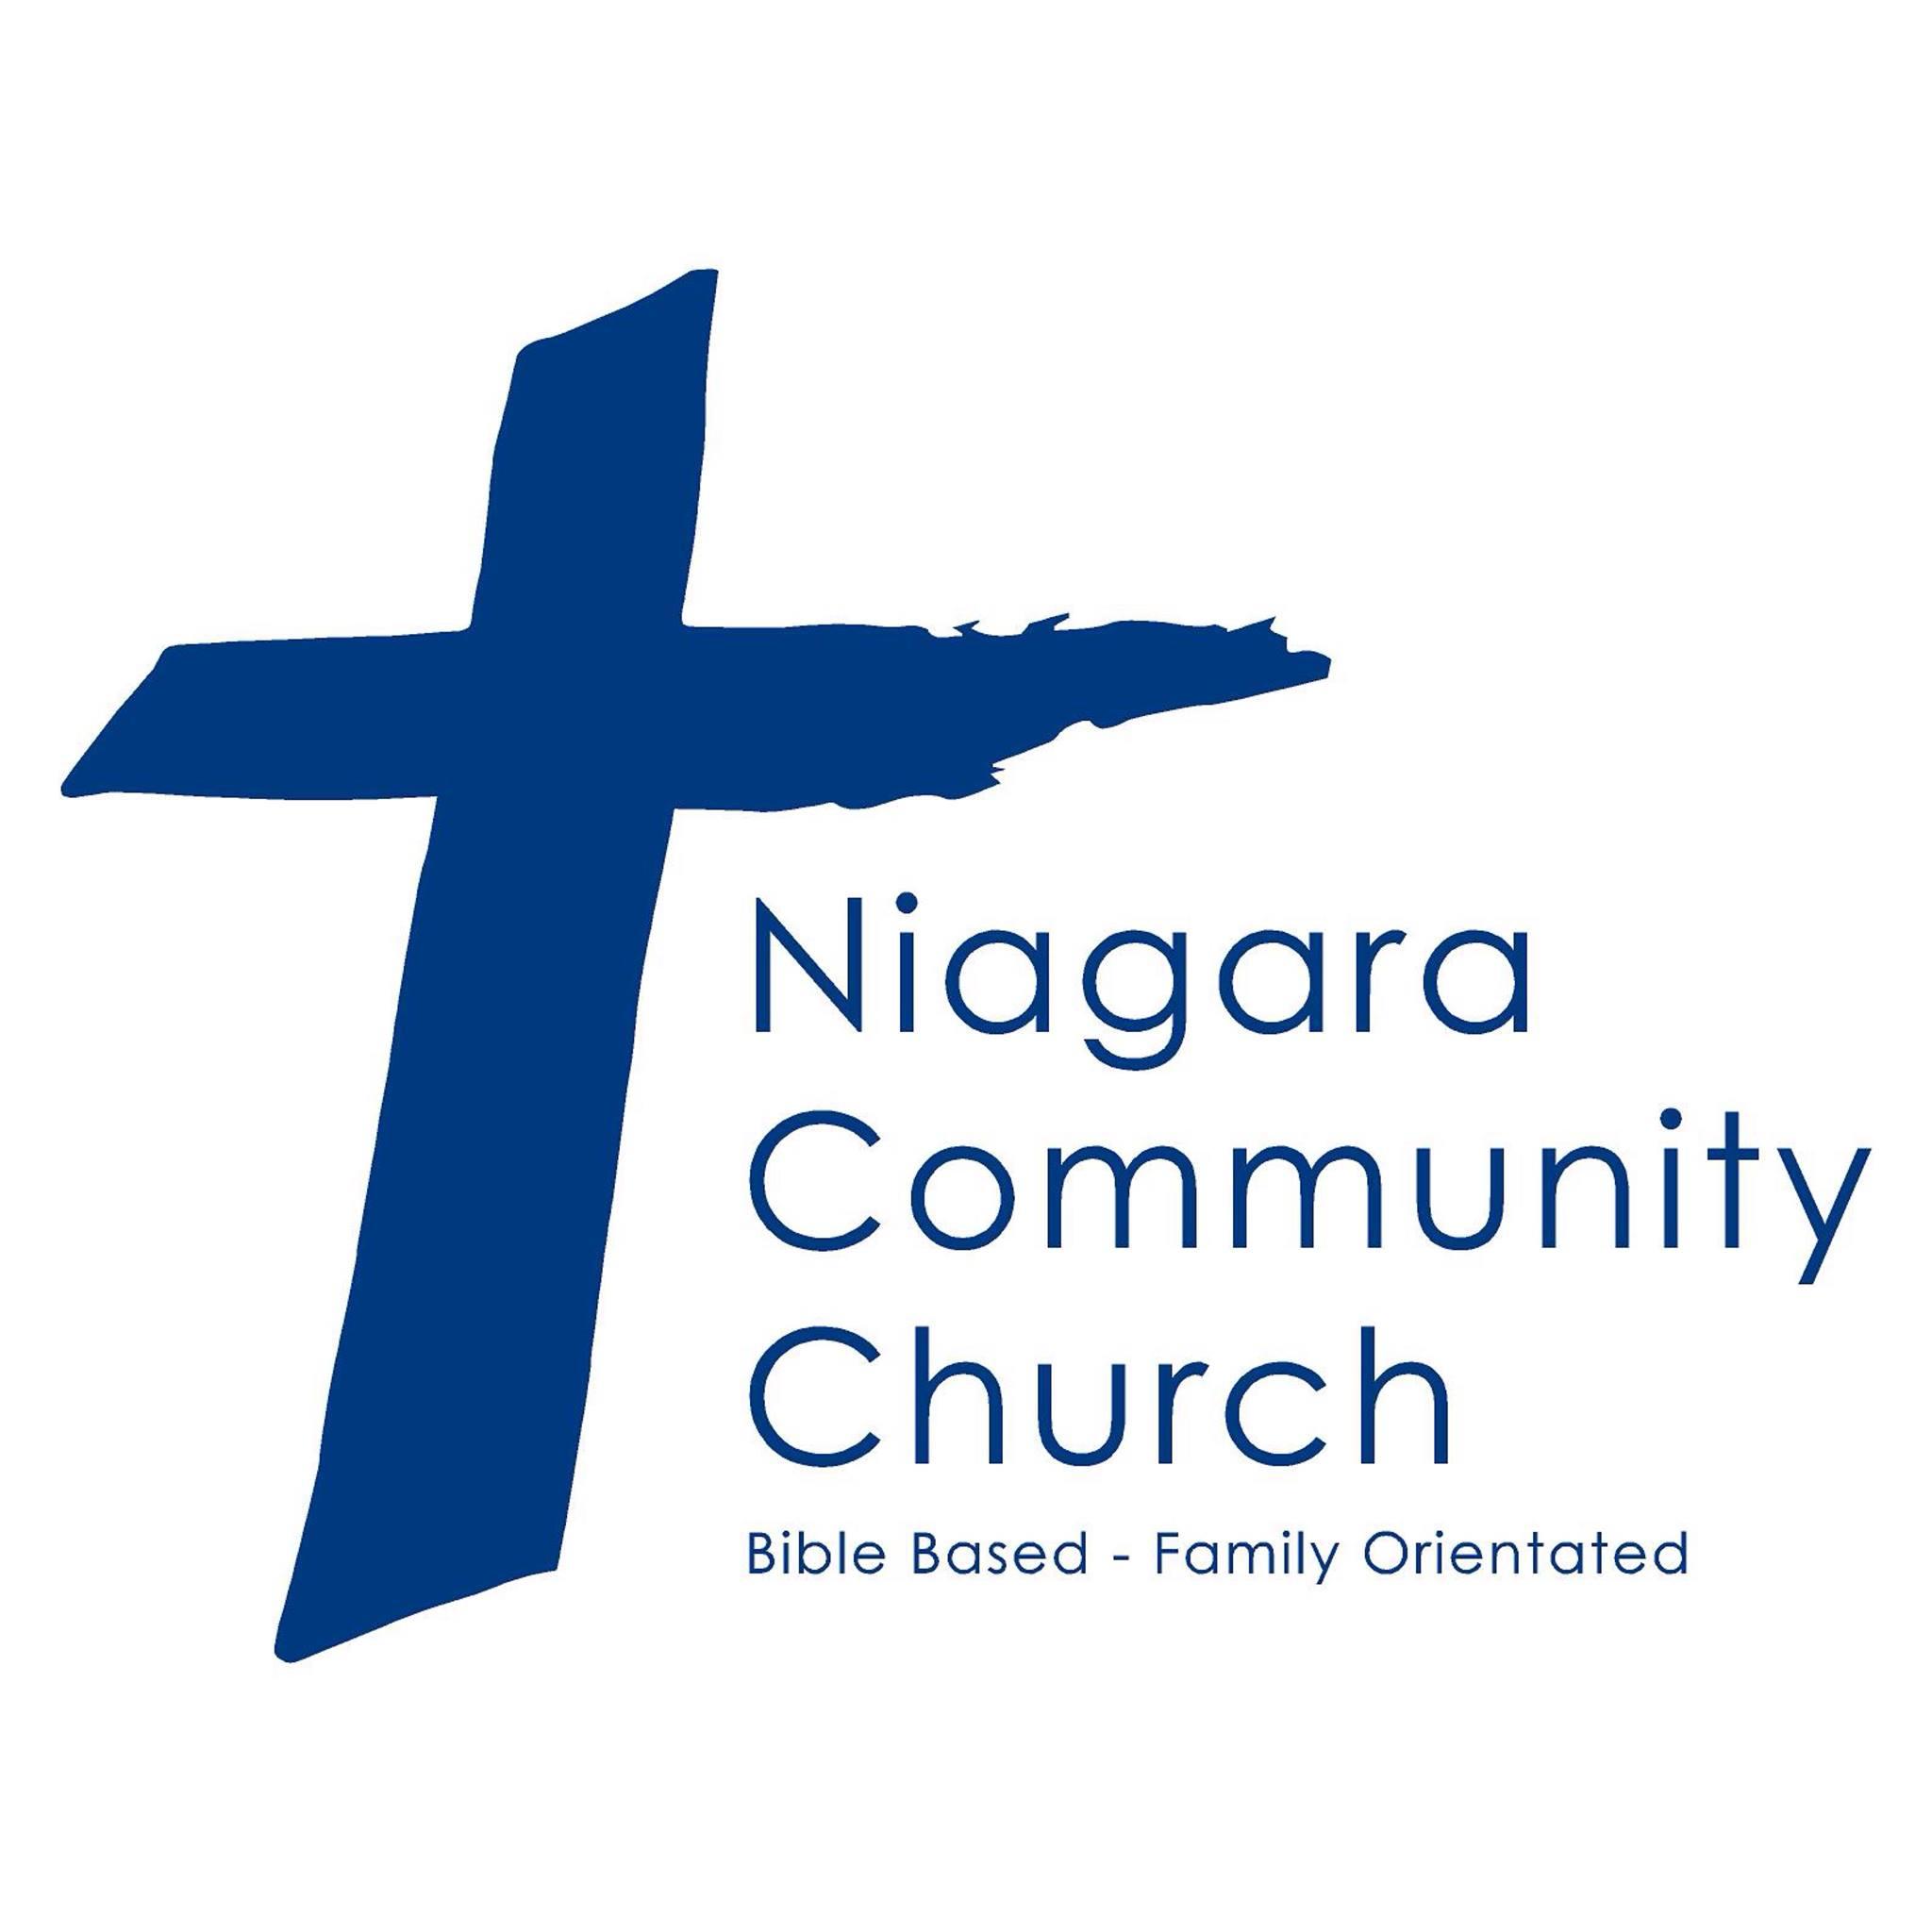 Niagara Community Church